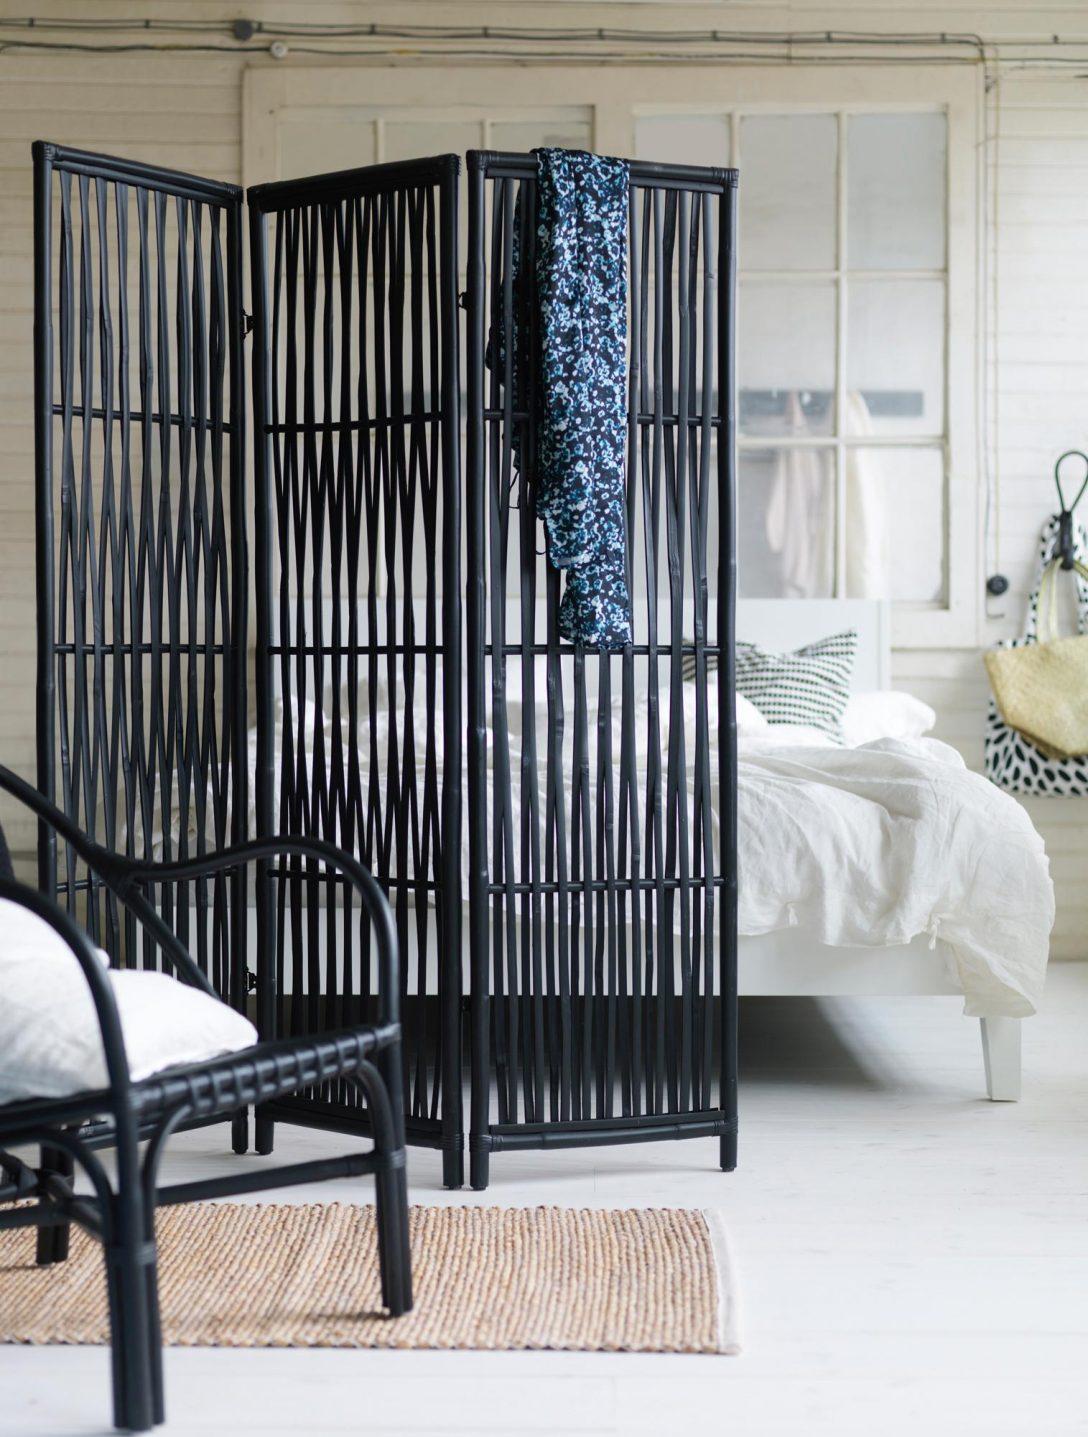 Large Size of Paravent Als Raumteiler Bett Teppich Ik Regal Ikea Miniküche Betten Bei Küche Kosten 160x200 Modulküche Sofa Mit Schlaffunktion Kaufen Wohnzimmer Raumteiler Ikea